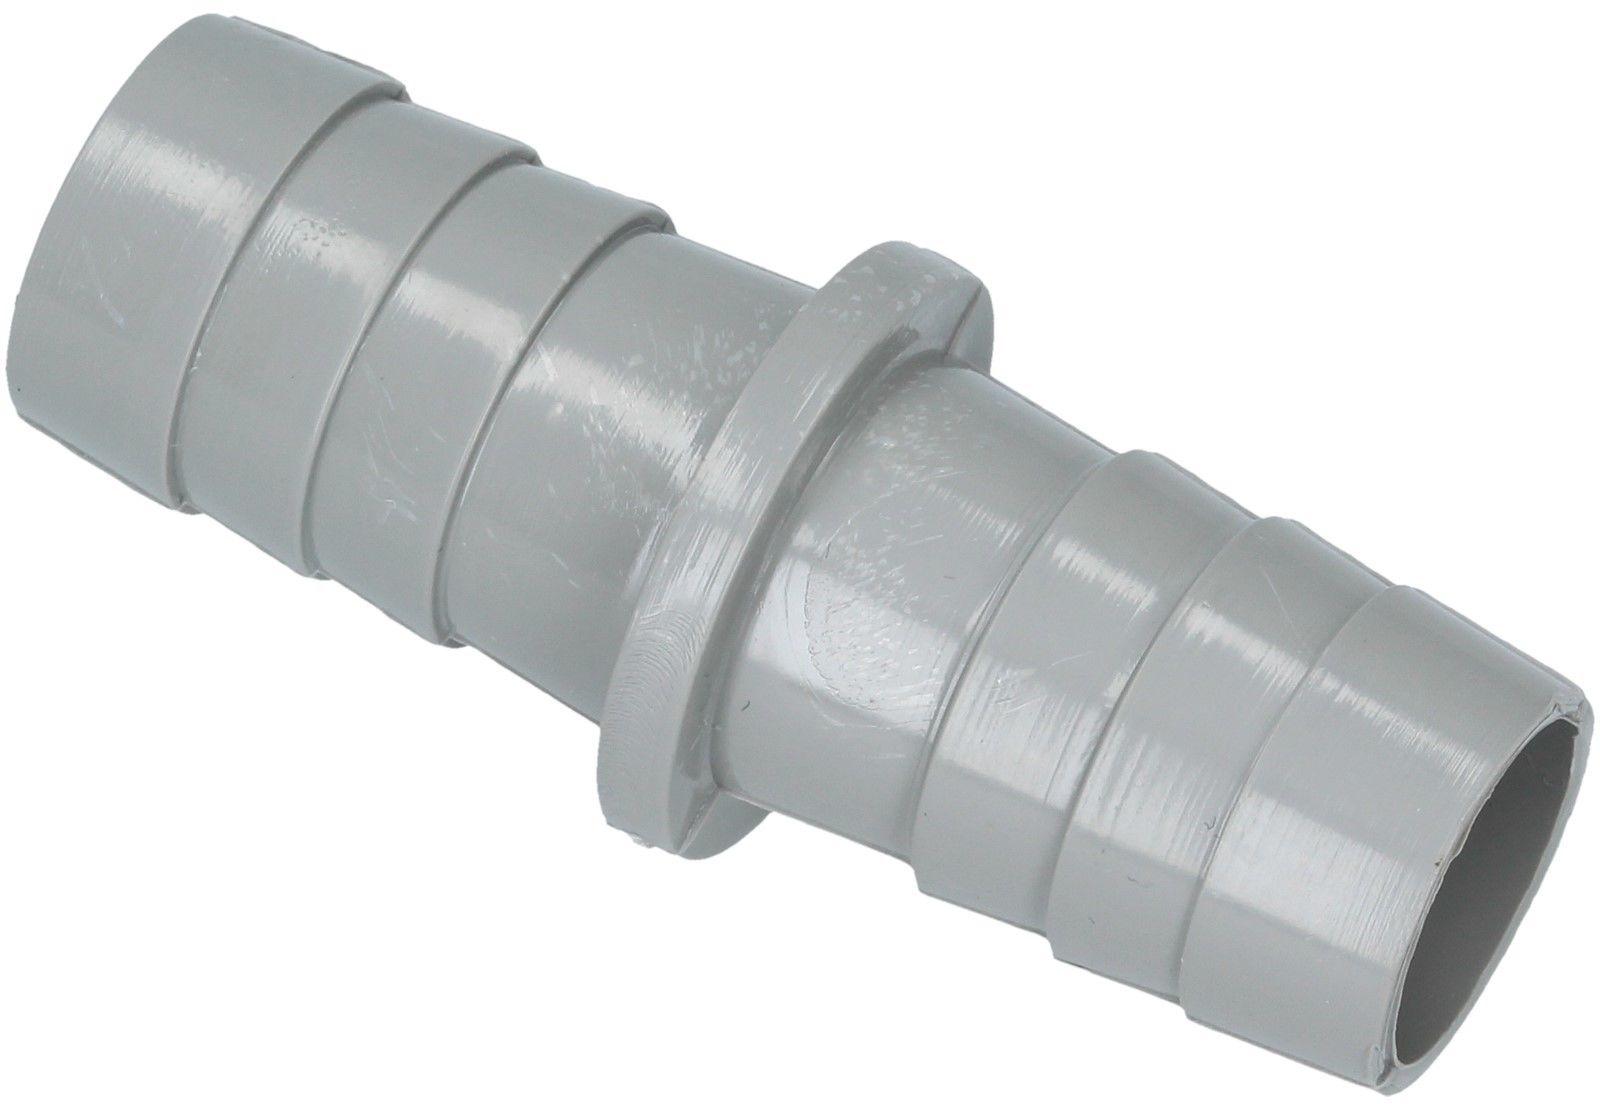 Adapter węża odpływowego do zmywarki -podłaczenie: proste 21mm / 21mm